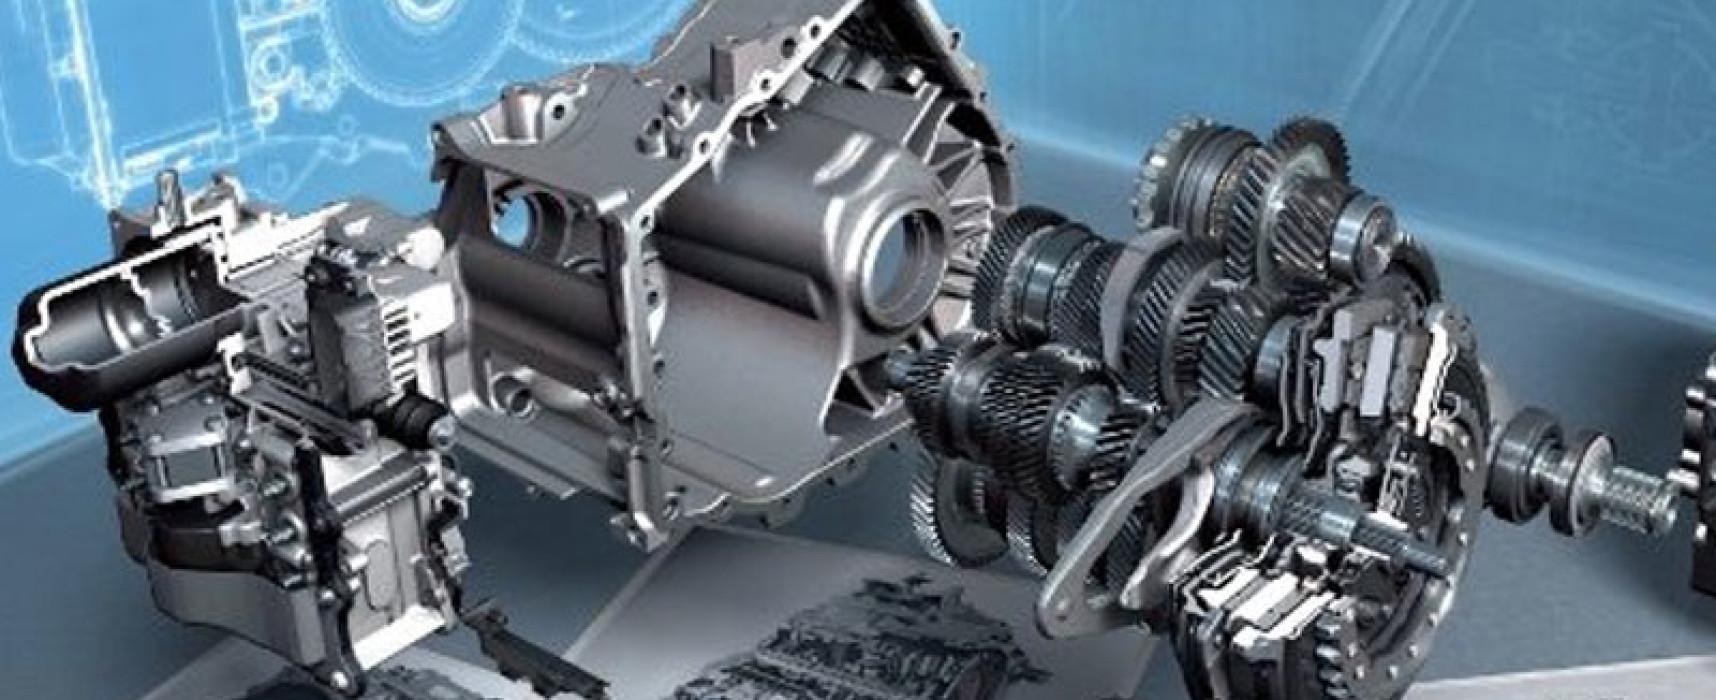 MECCATRONIX: progetto strategico approvato e finanziato dalla Regione Toscana per la creazione di figure professionali nell'ambito della filiera meccanica